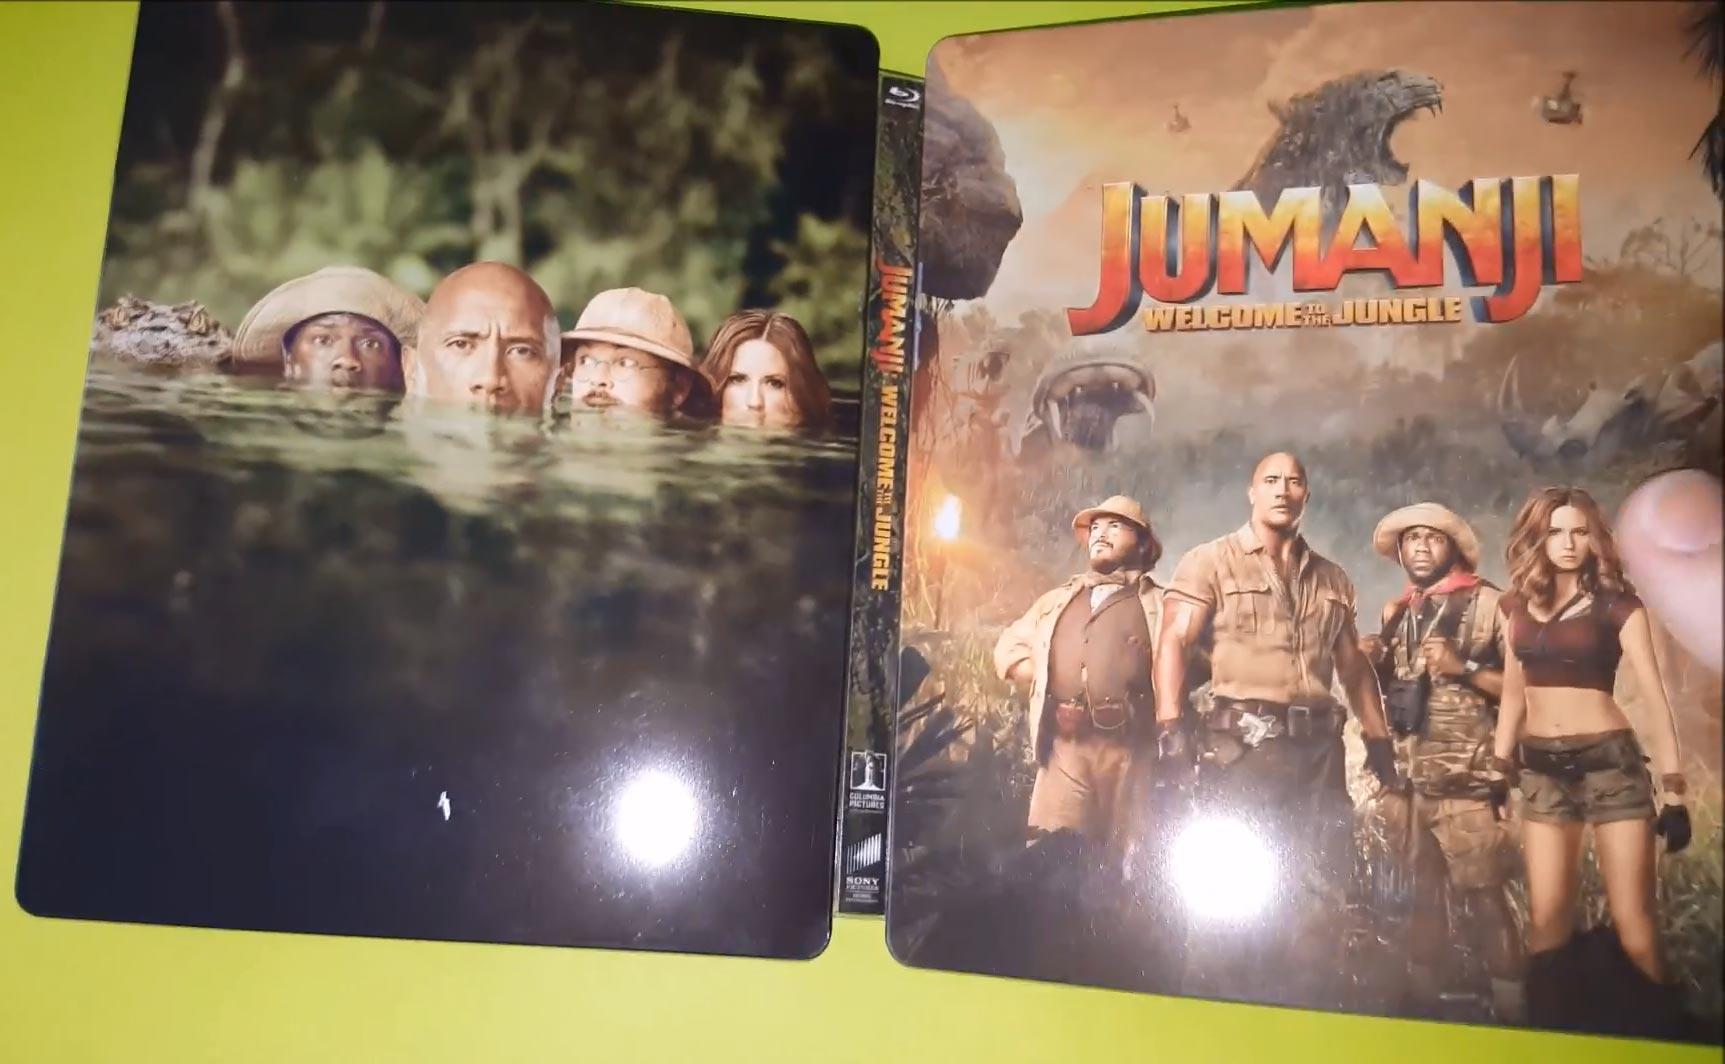 Jumanji-Jungle-steelbook-1